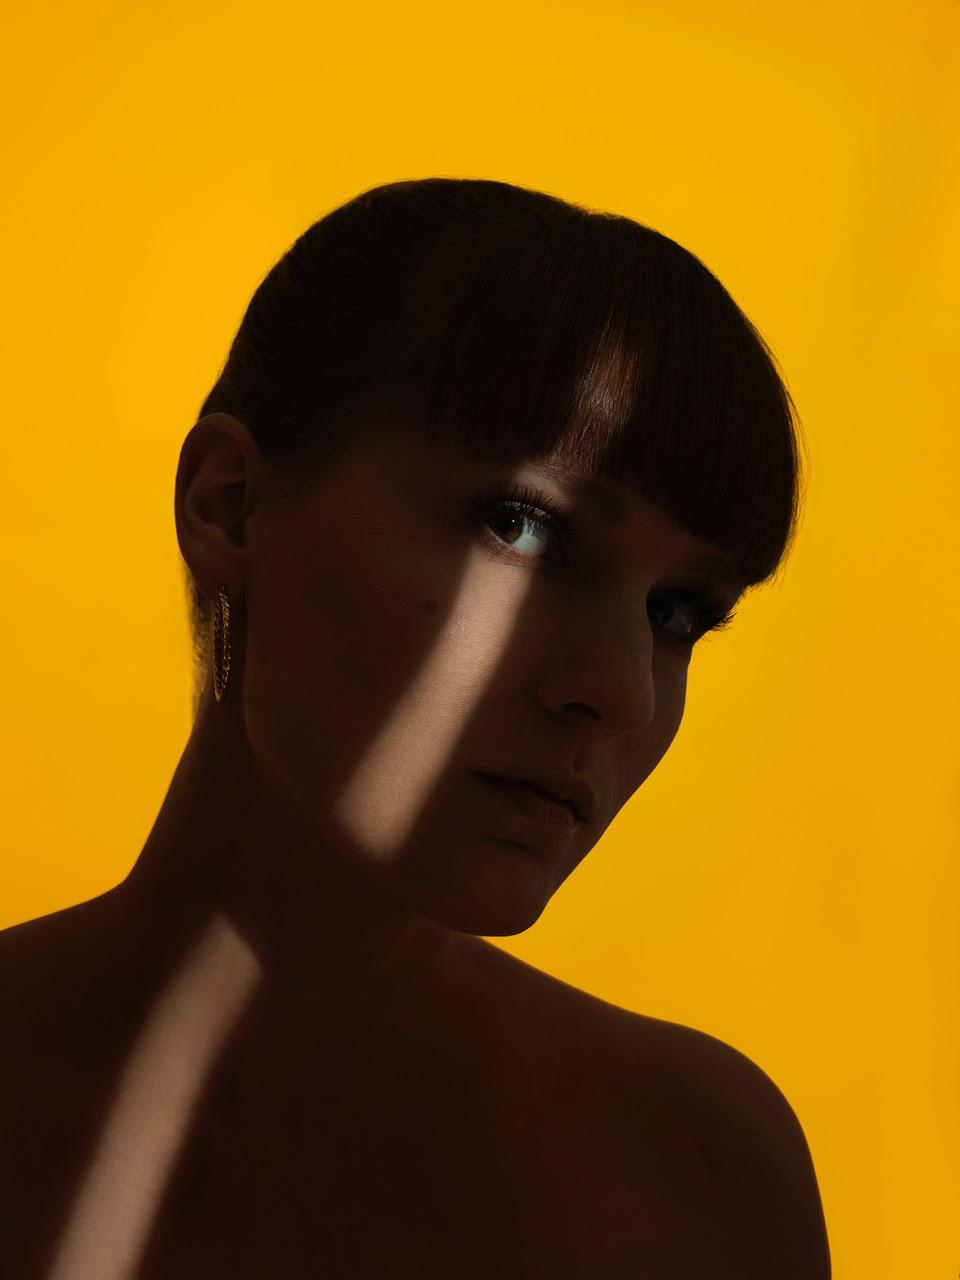 portret mlodej kobiety do polowy twarz oswietlona na zoltym tle